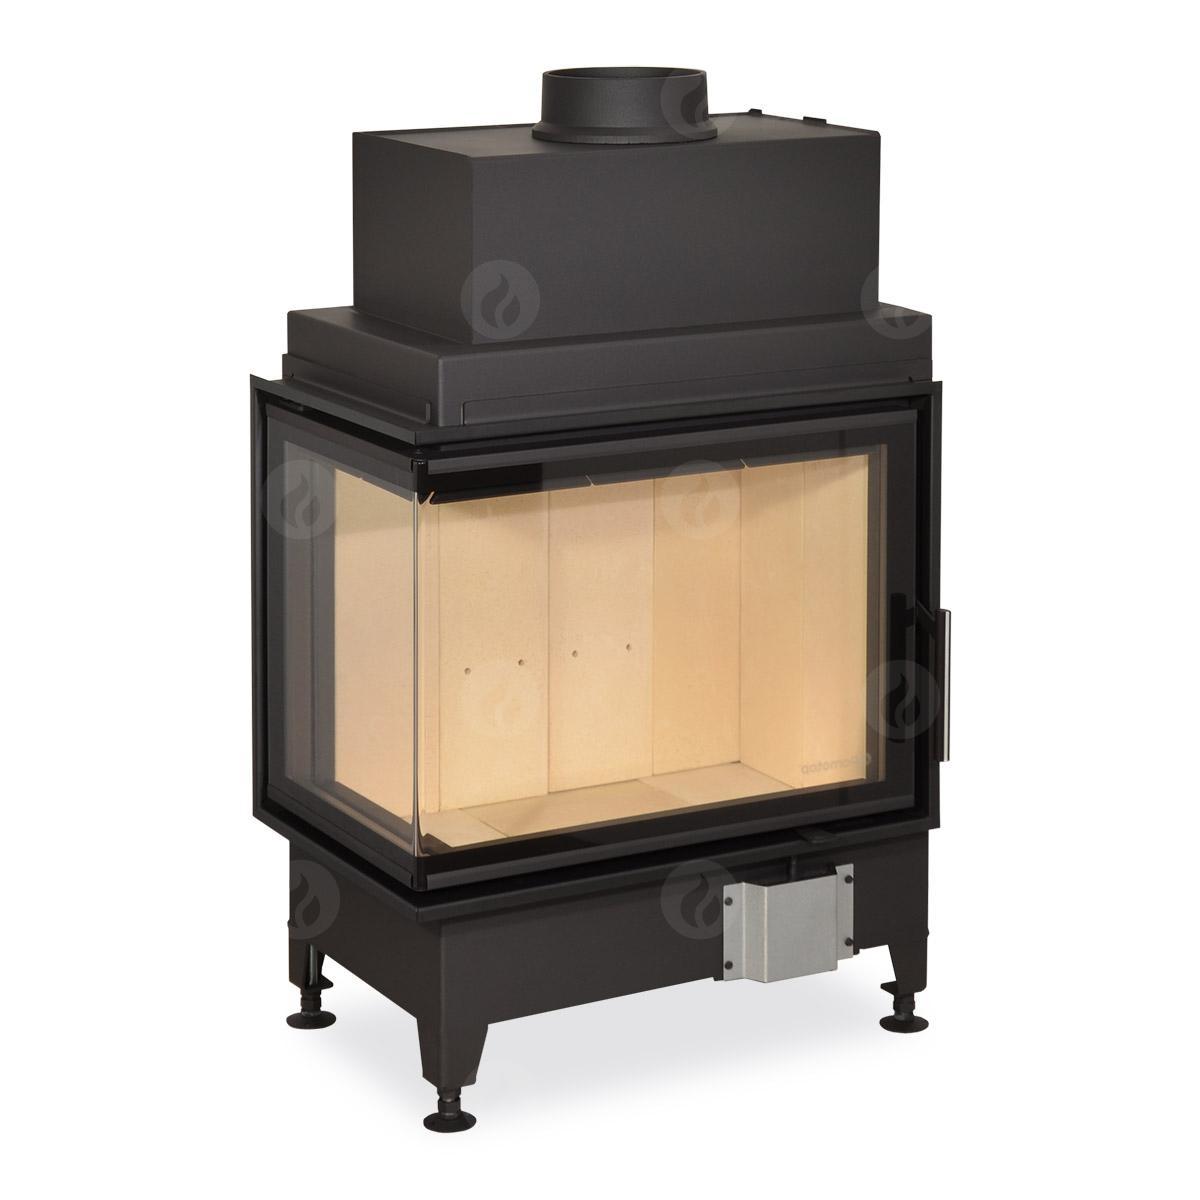 moderner kamin als bausatz hotline 7 21 uhr 0177 530 9030. Black Bedroom Furniture Sets. Home Design Ideas